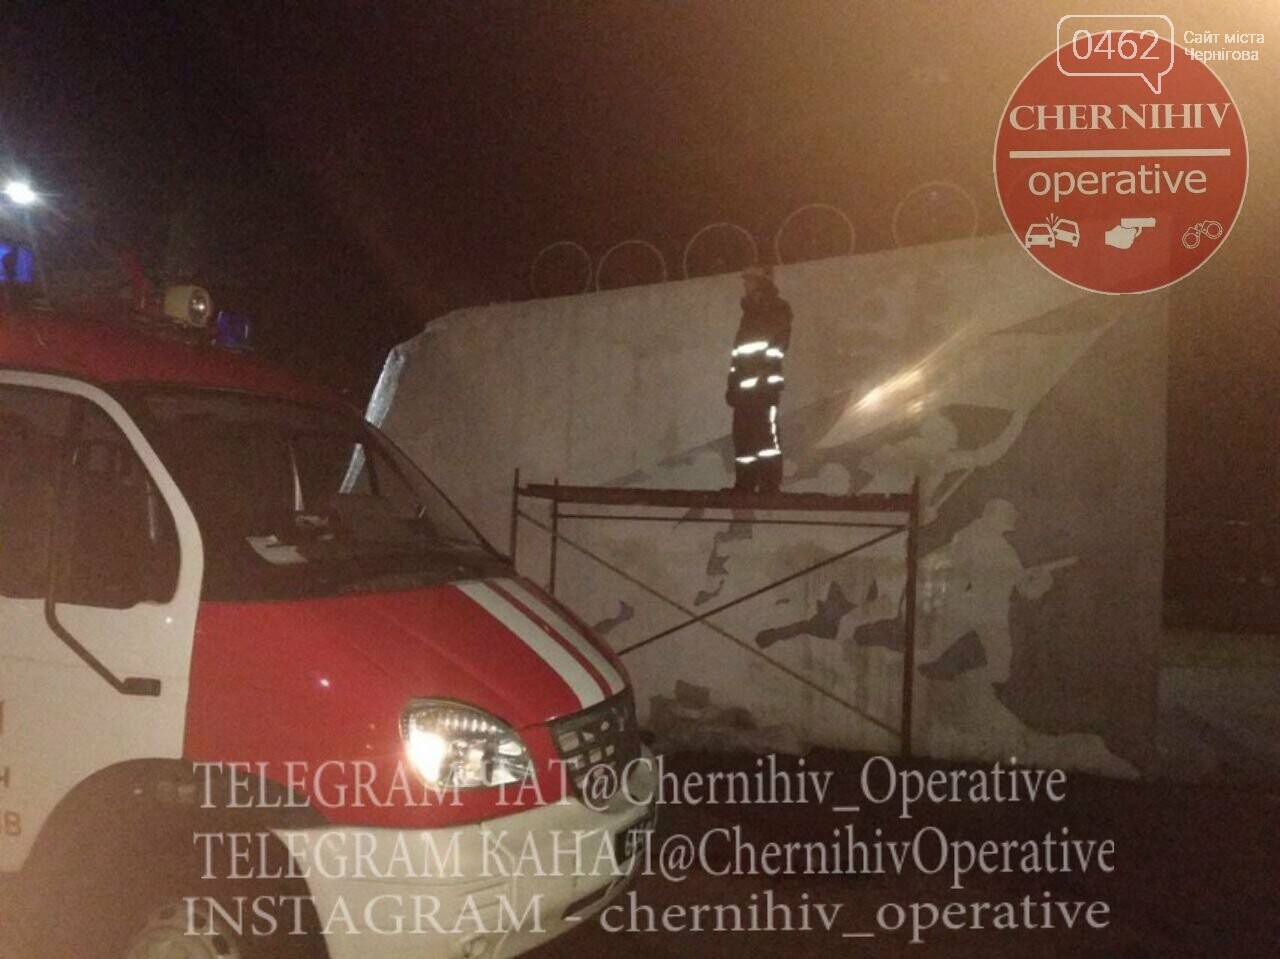 Атака на чернігівський танк: вандалізм чи провокація?, фото-1